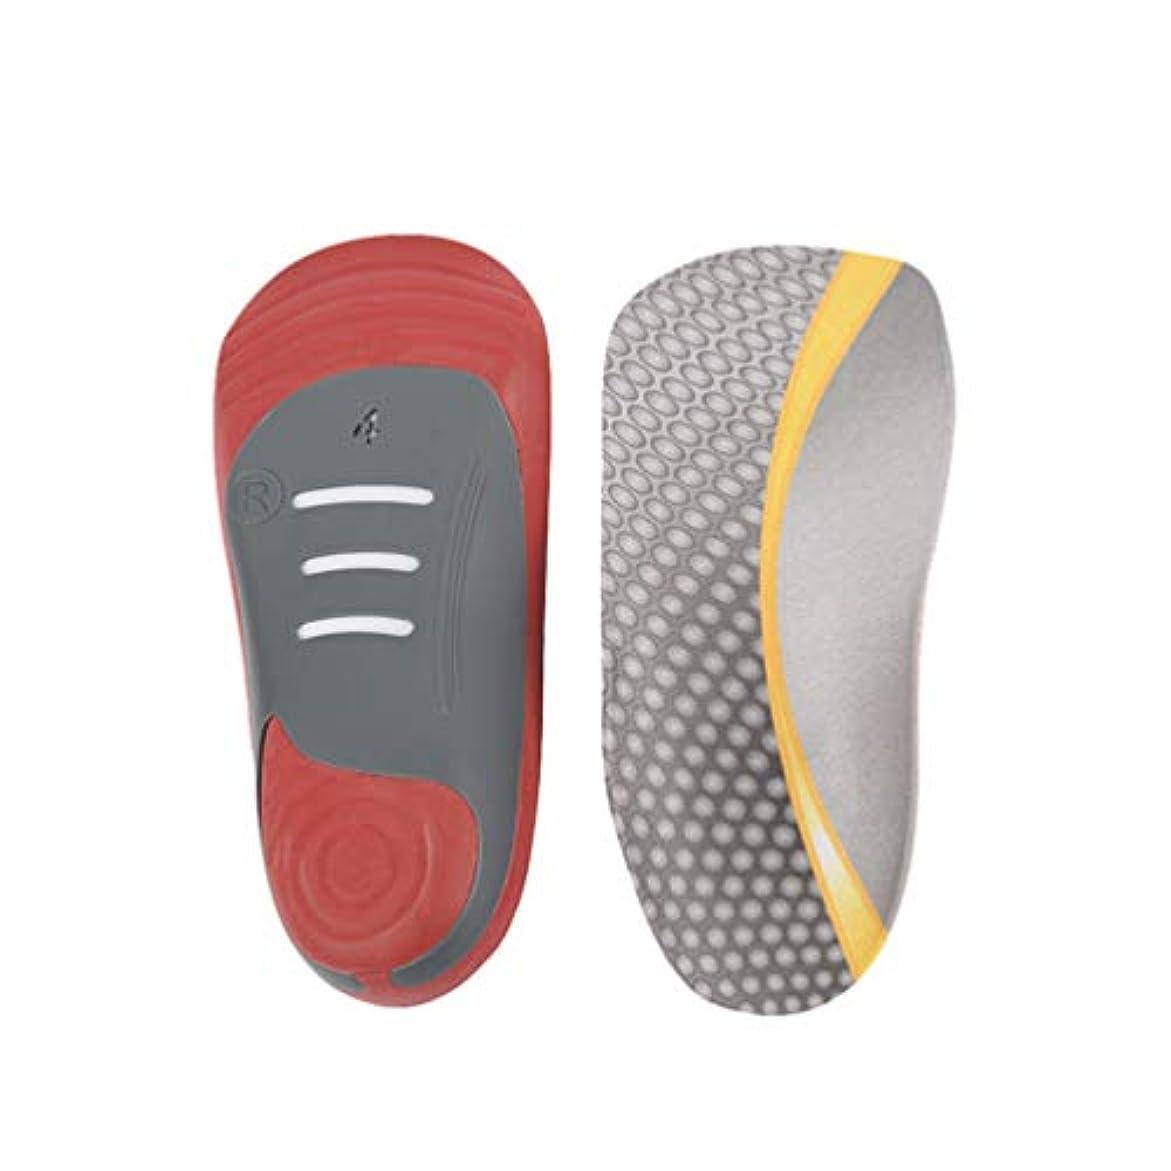 合わせて持っているしみ[Healifty] 1ペアの足底筋膜炎のインソールアーチサポートインソール矯正的な増加挿入フラットフィートハイアーチフット痛みサポート女性男性痛み緩和ヒールスパーズ